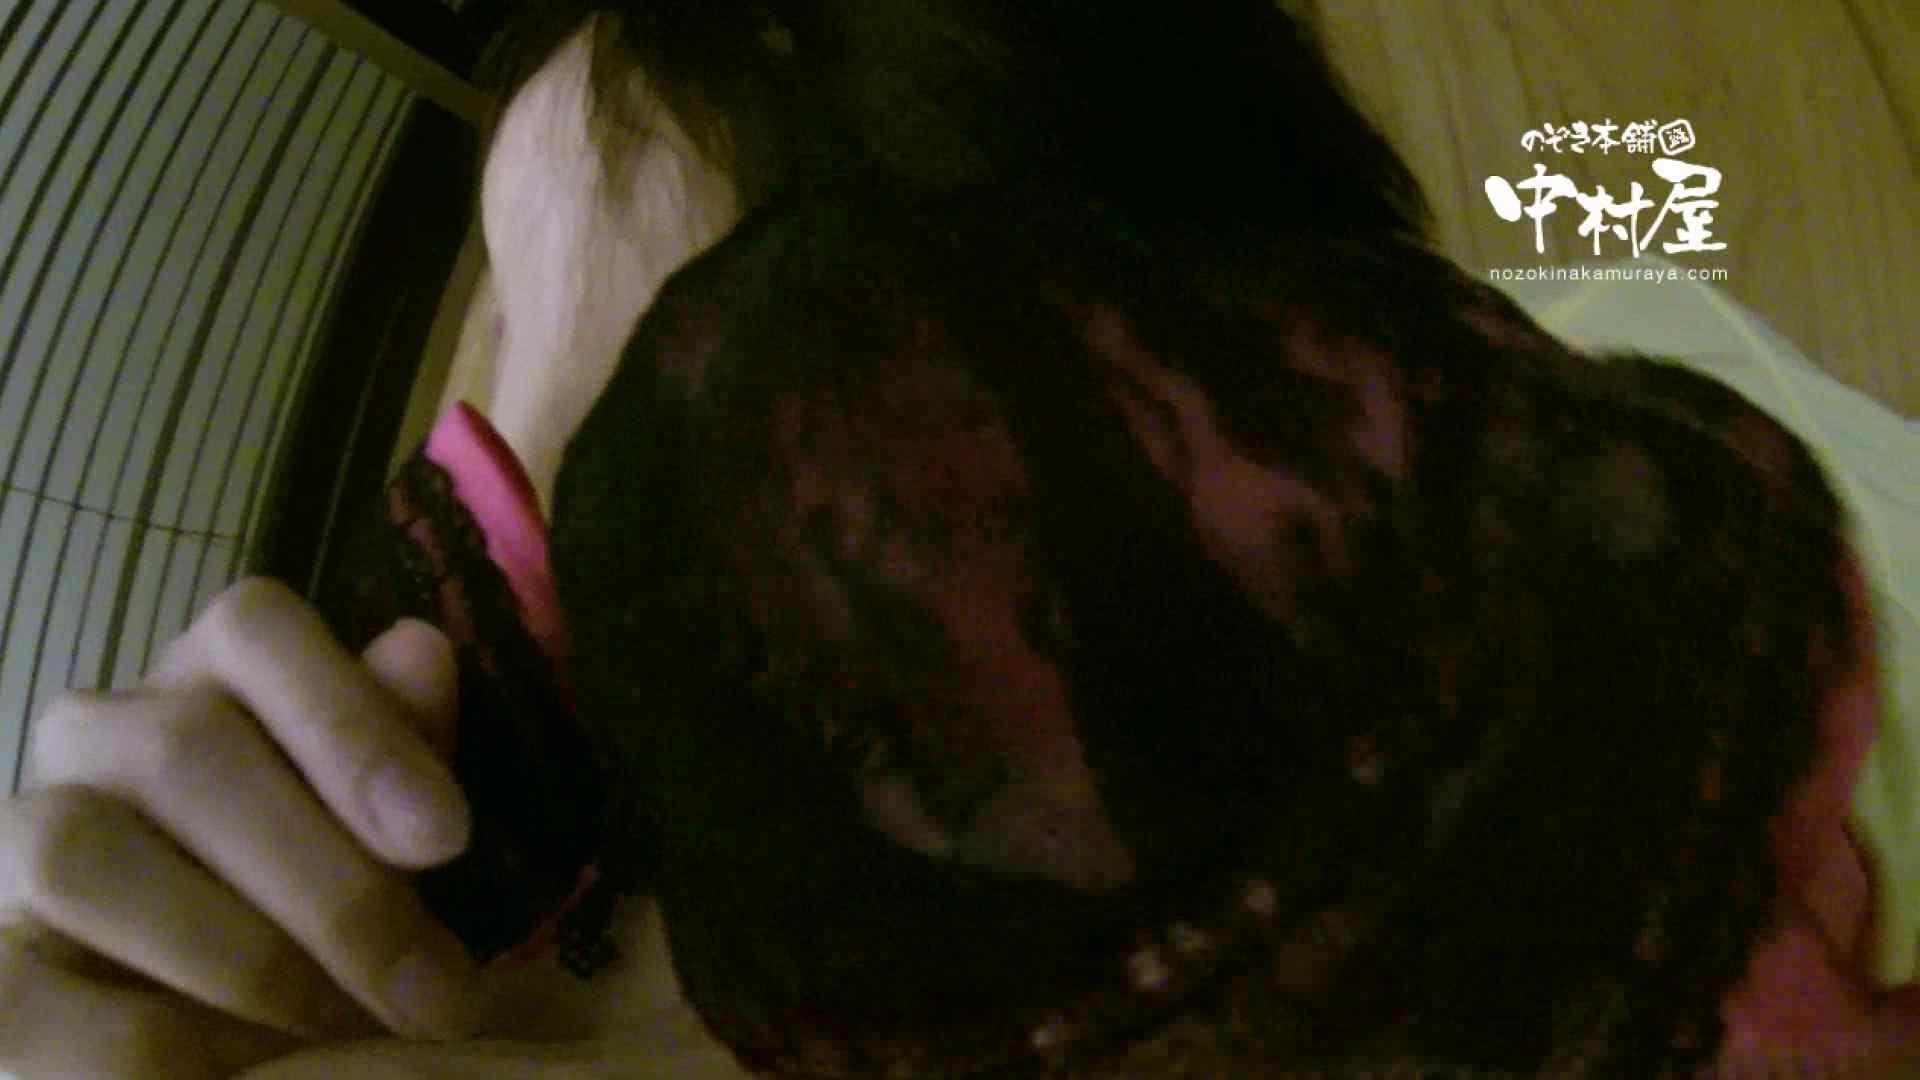 鬼畜 vol.17 中に出さないでください(アニメ声で懇願) 後編 OLエロ画像   鬼畜  96PICs 73